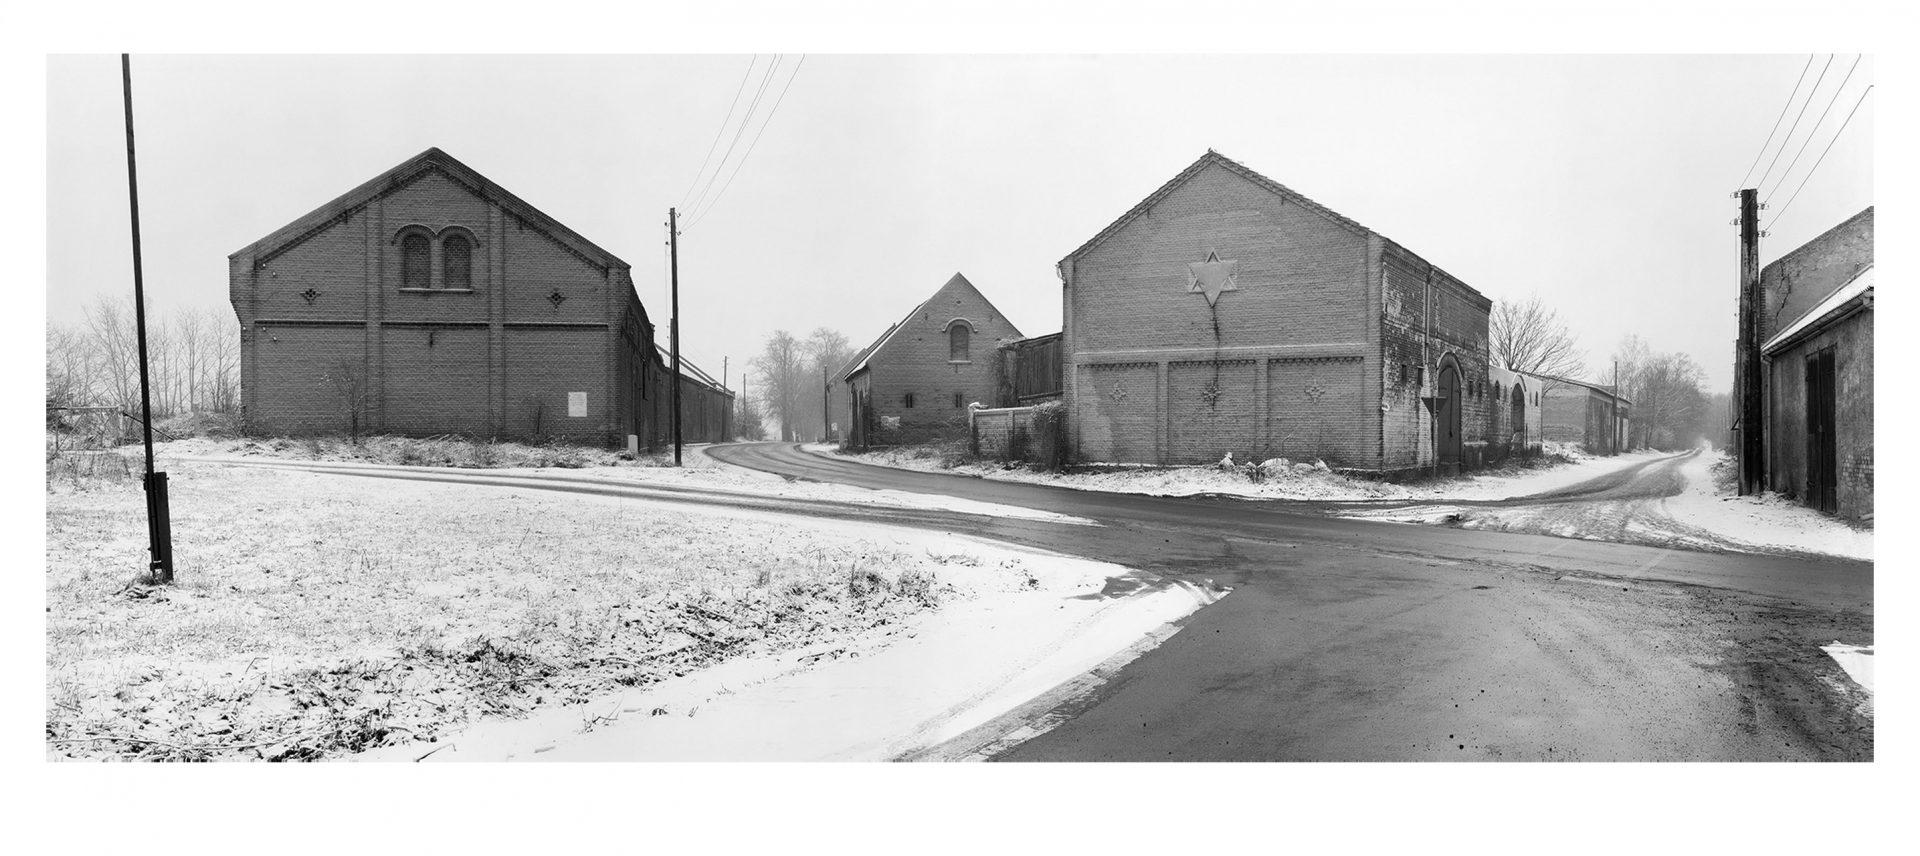 Der Traum vom Reich #01, Altlandsberg 1992/2008